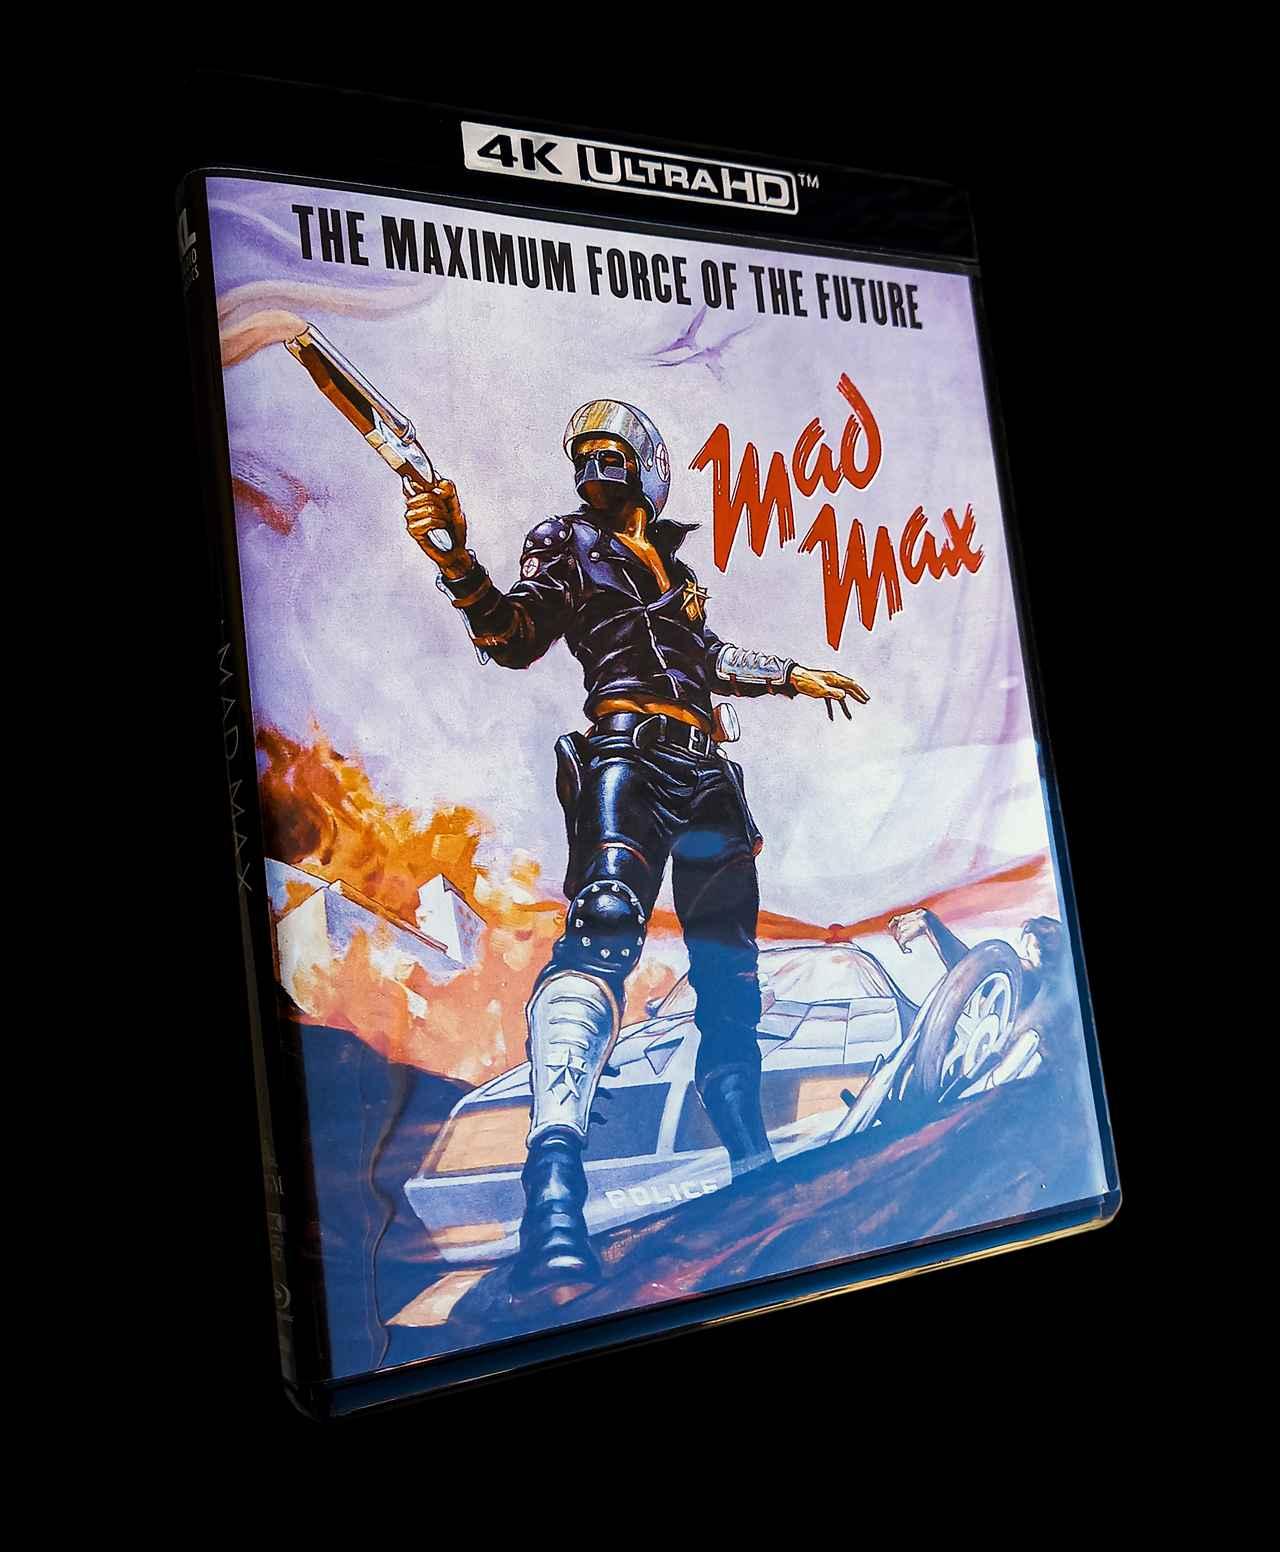 画像: 4K UHD BLU-RAY レビュー『マッドマックス』ジョージ・ミラー監督【世界4K-Hakken伝】